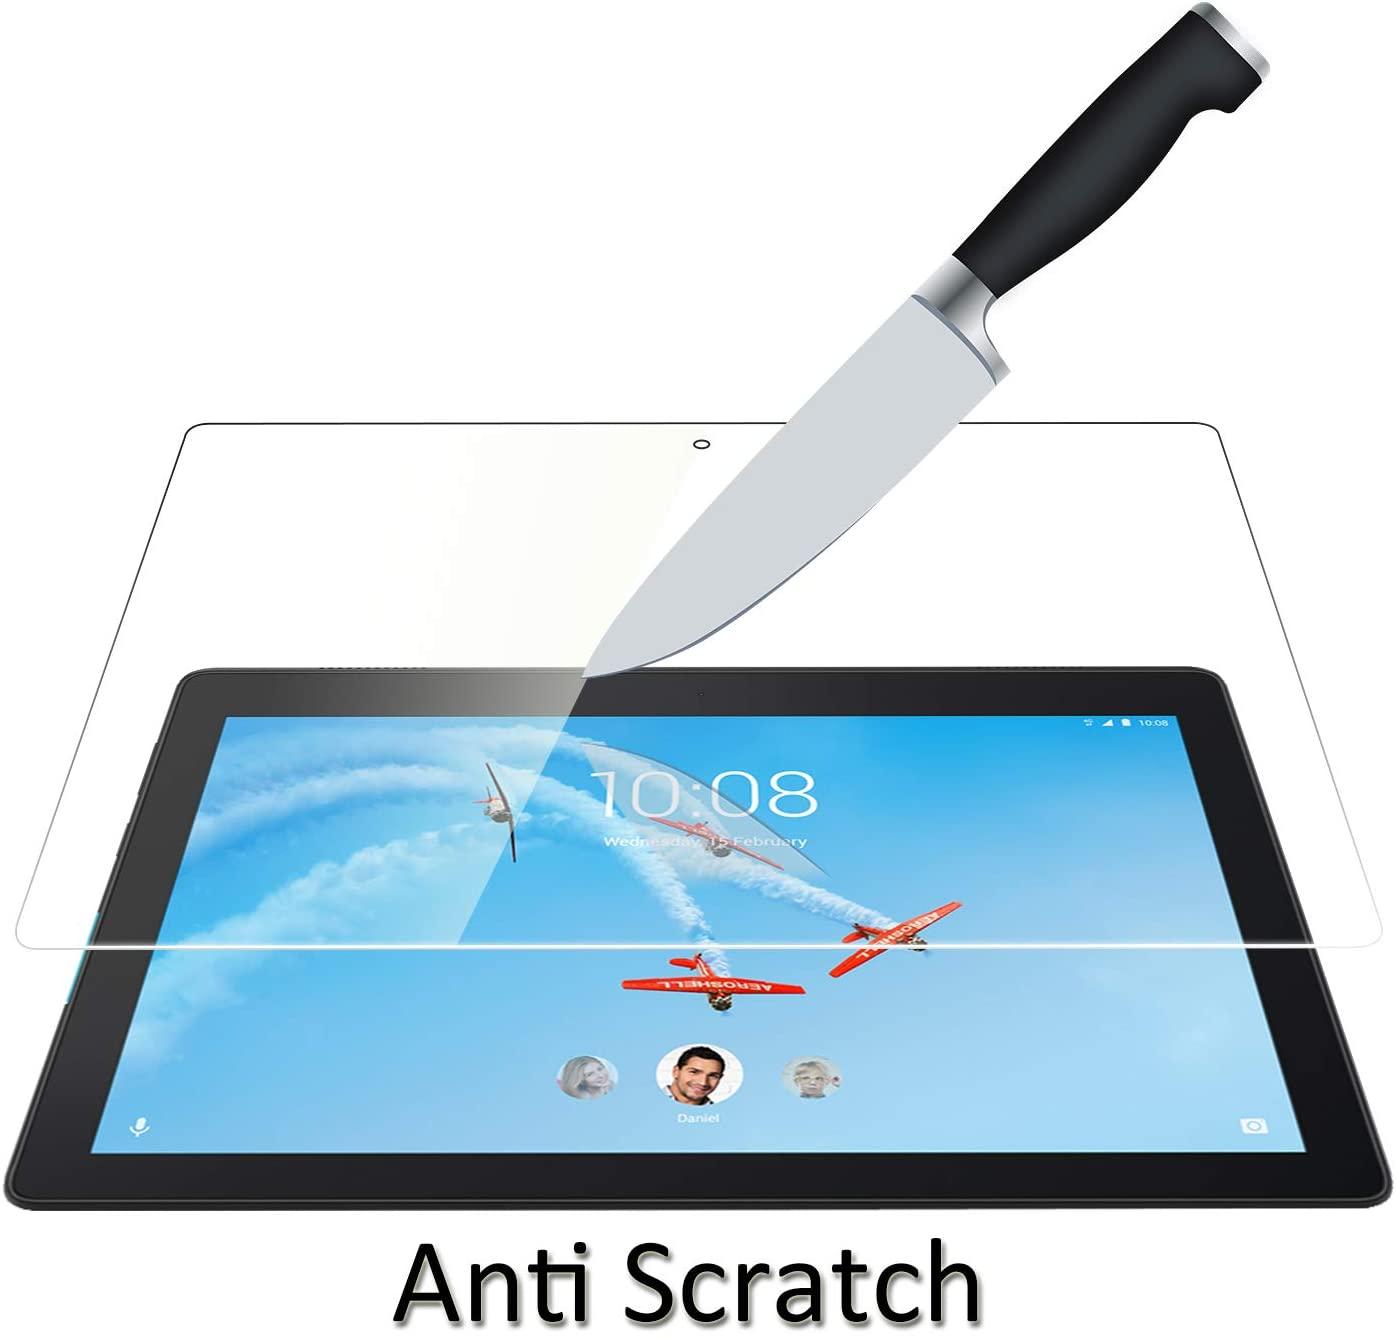 Vidro temperado tablet para lenovo tab e10 TB-X104F 10,1 polegadas tablet resistente a riscos polegada protegido o filme de vidro